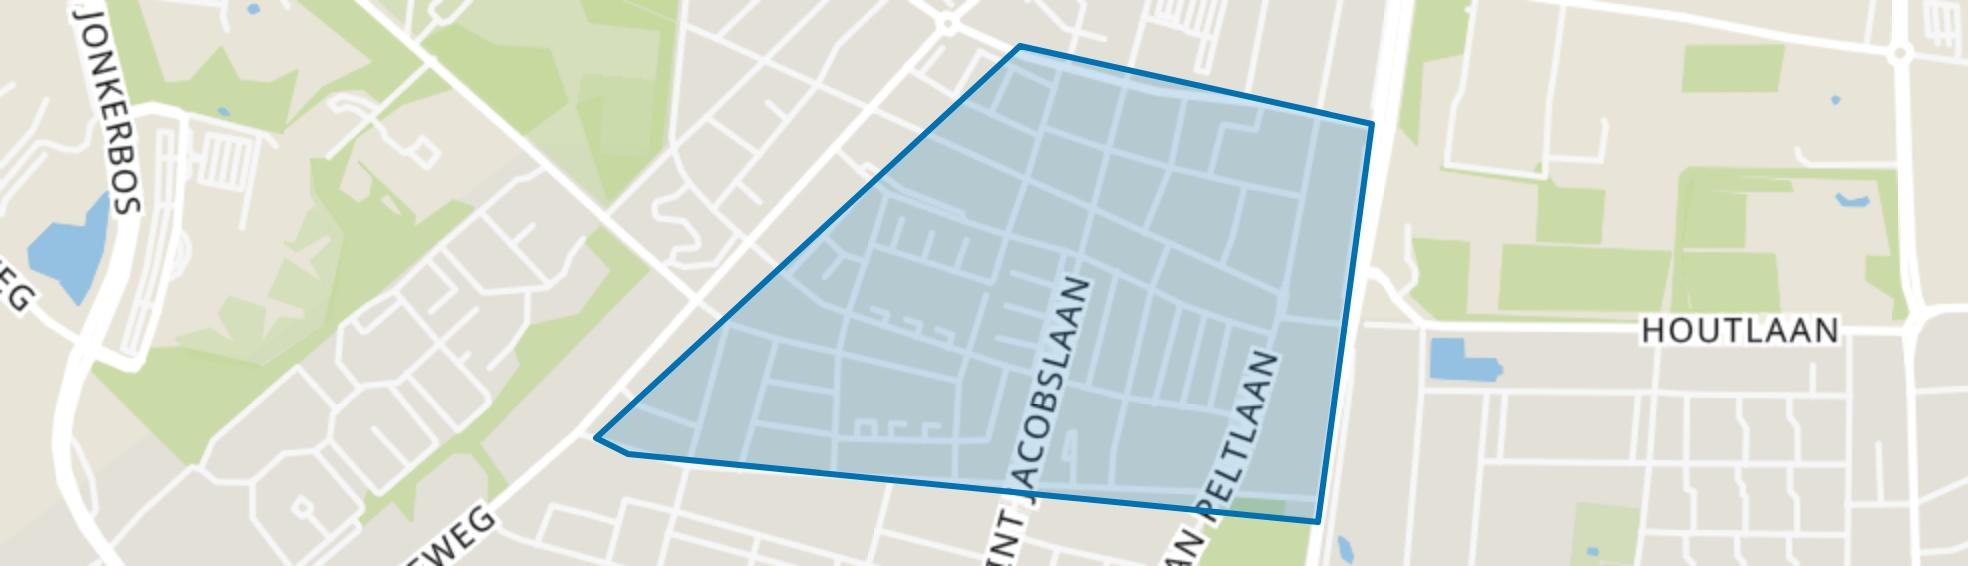 Hatertse Hei, Nijmegen map